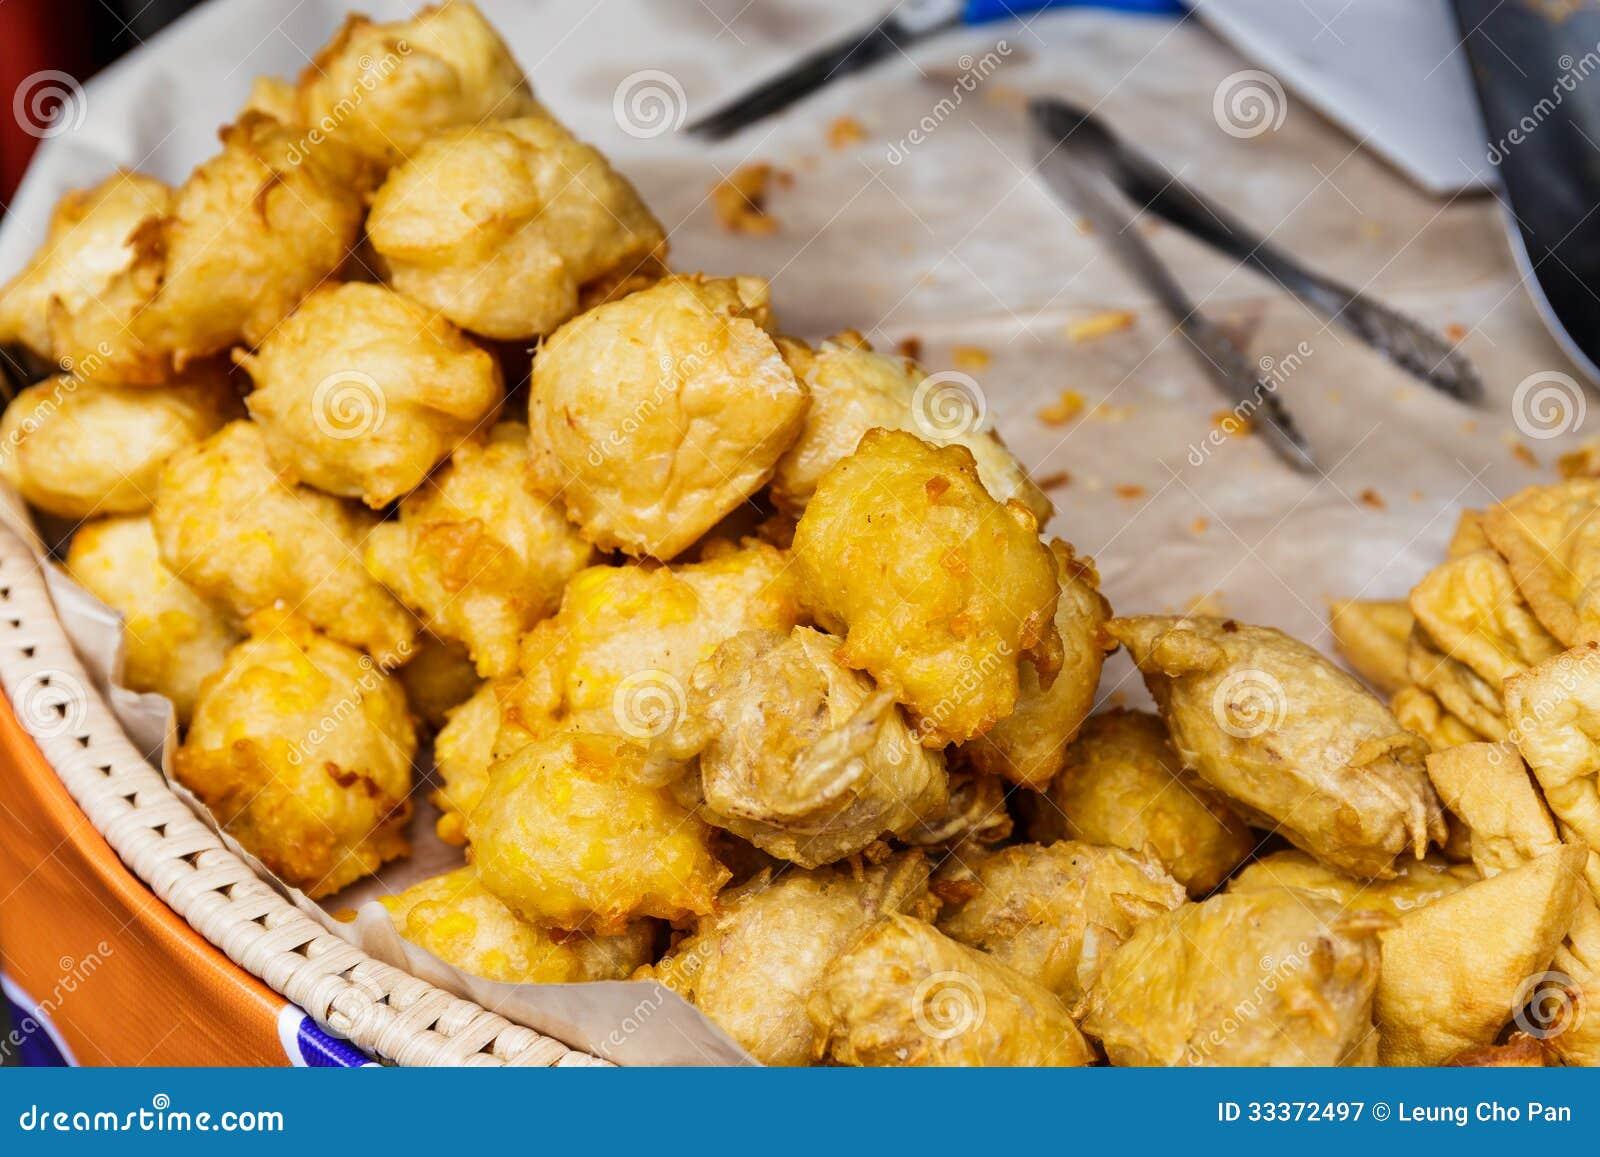 Pieczonych kurczaków kawałki